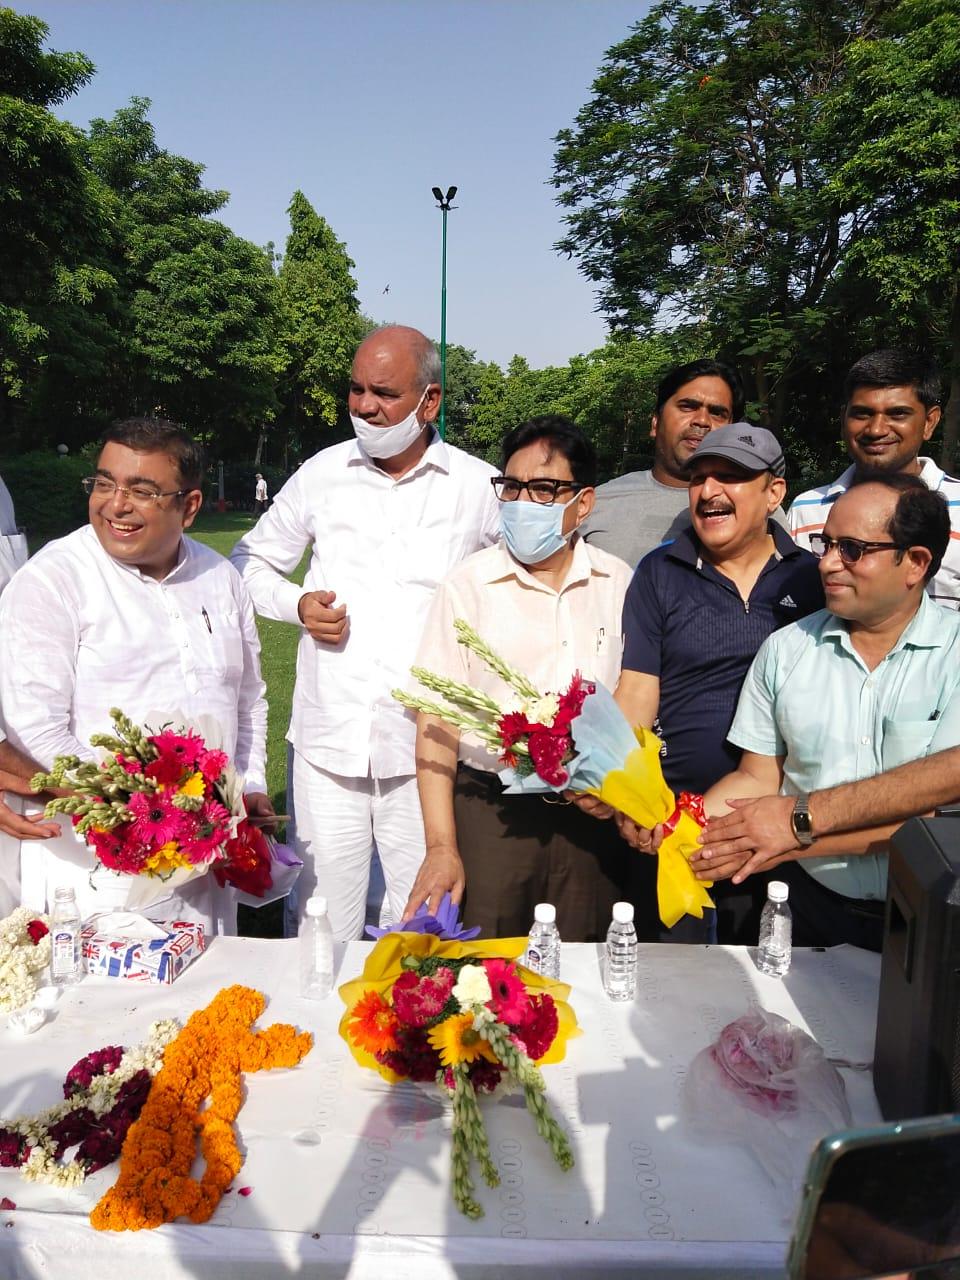 बोध राज सीकरी के सी. एस. आर. ट्रस्ट का वाईस चेयरमैन बनने पर नए गुरुग्राम में हुआ भव्य आयोजन